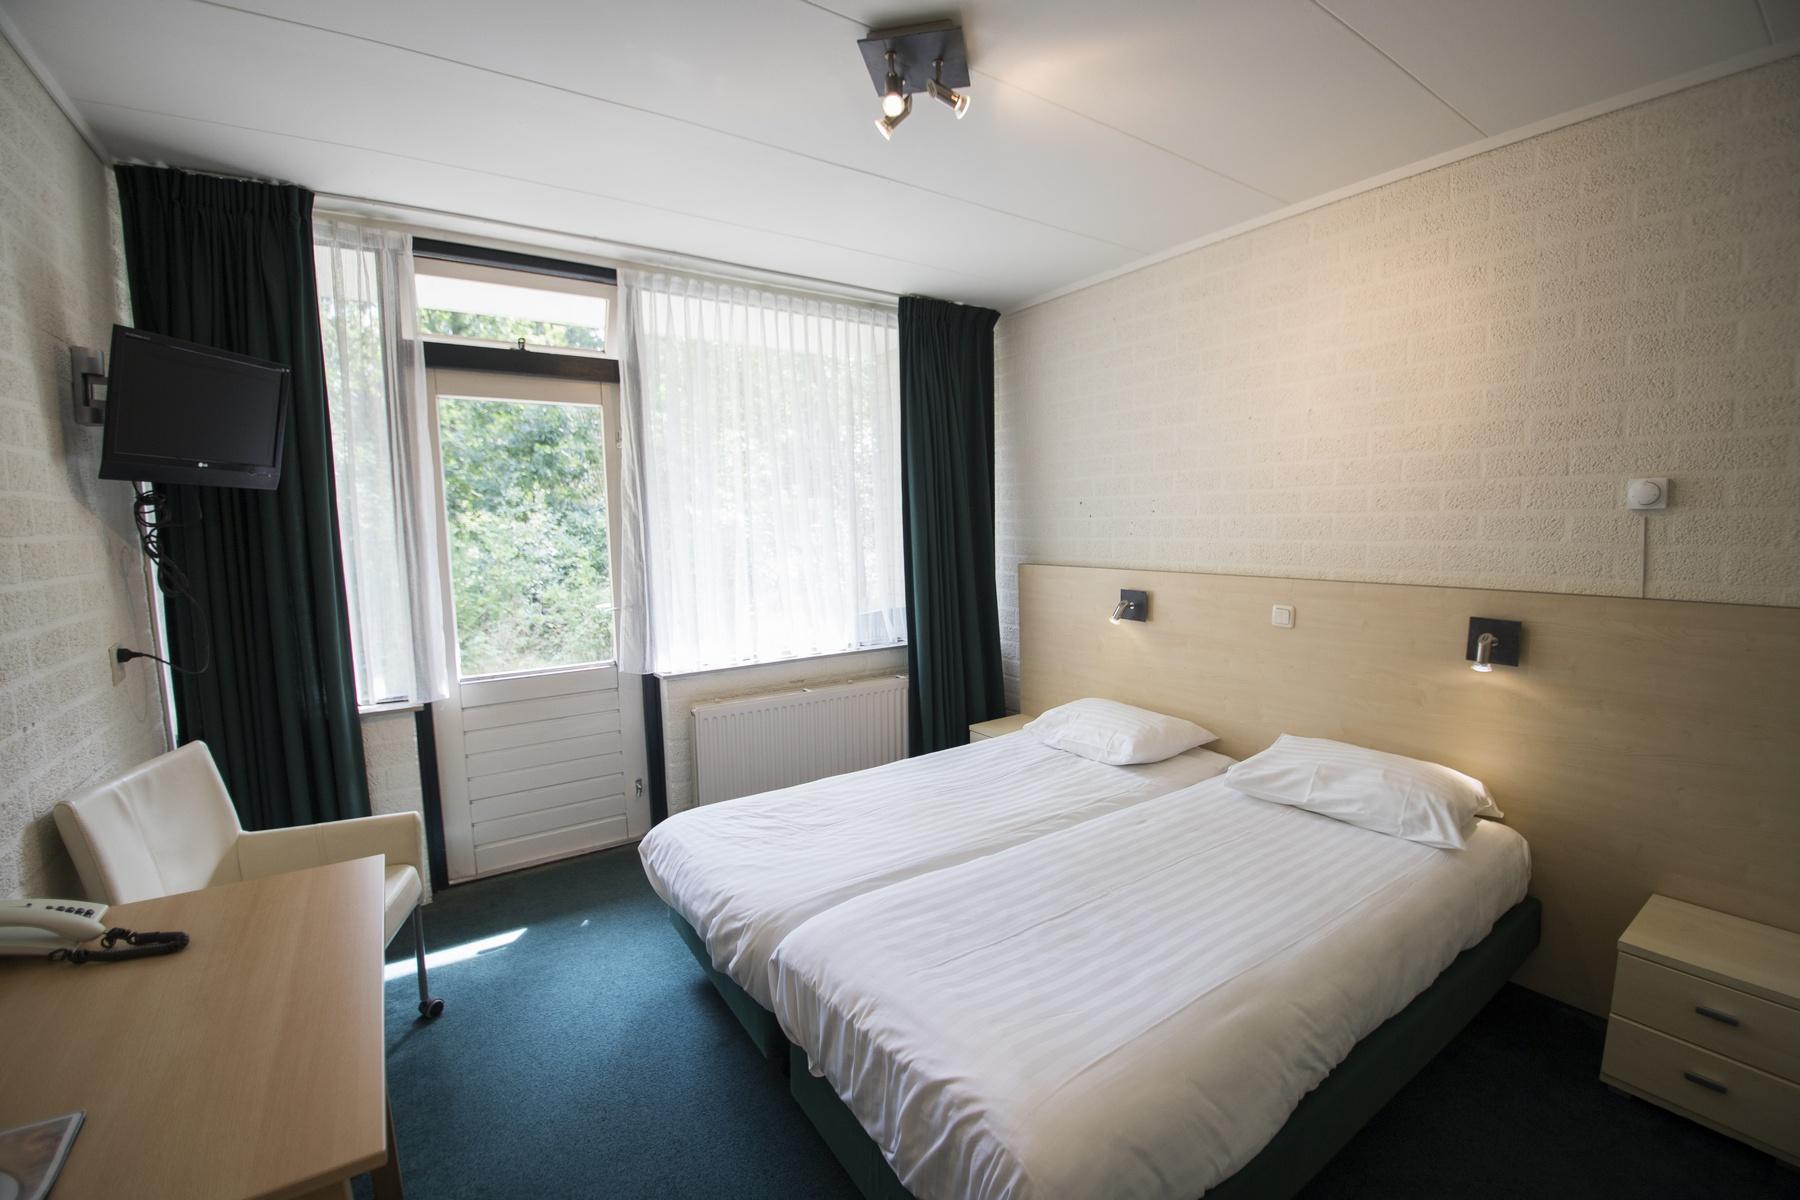 Hotel Steenwijk (De Bult) Overijssel Buitengoed Fredeshiem